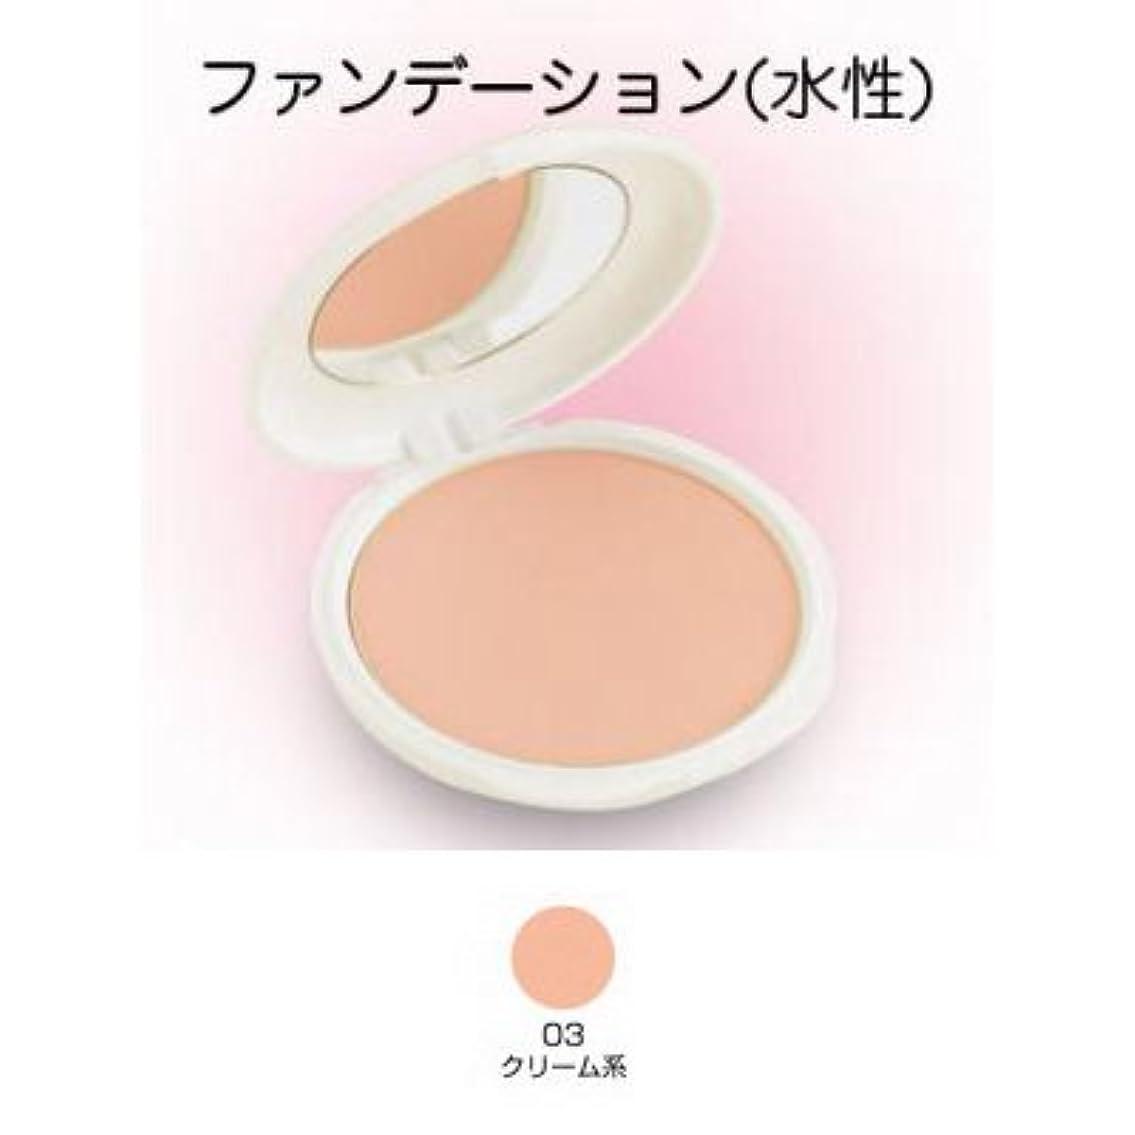 ギャラリー銅パン屋ツーウェイケーキ 28g 03クリーム系 【三善】